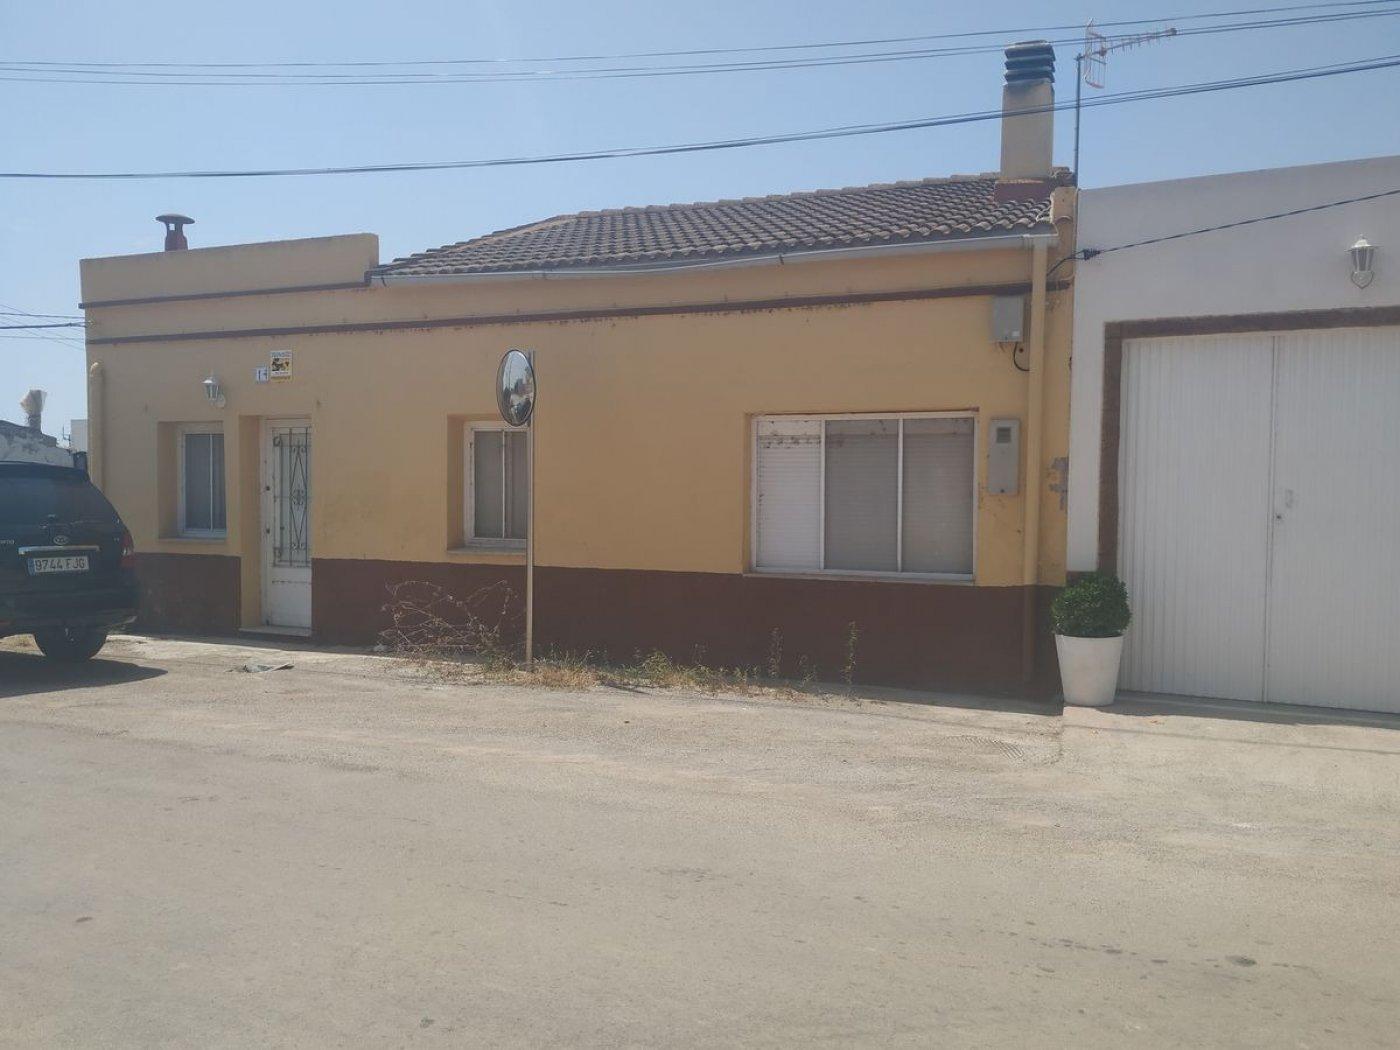 House for sale in Avda. catalunya, Sant Jaume d'Enveja